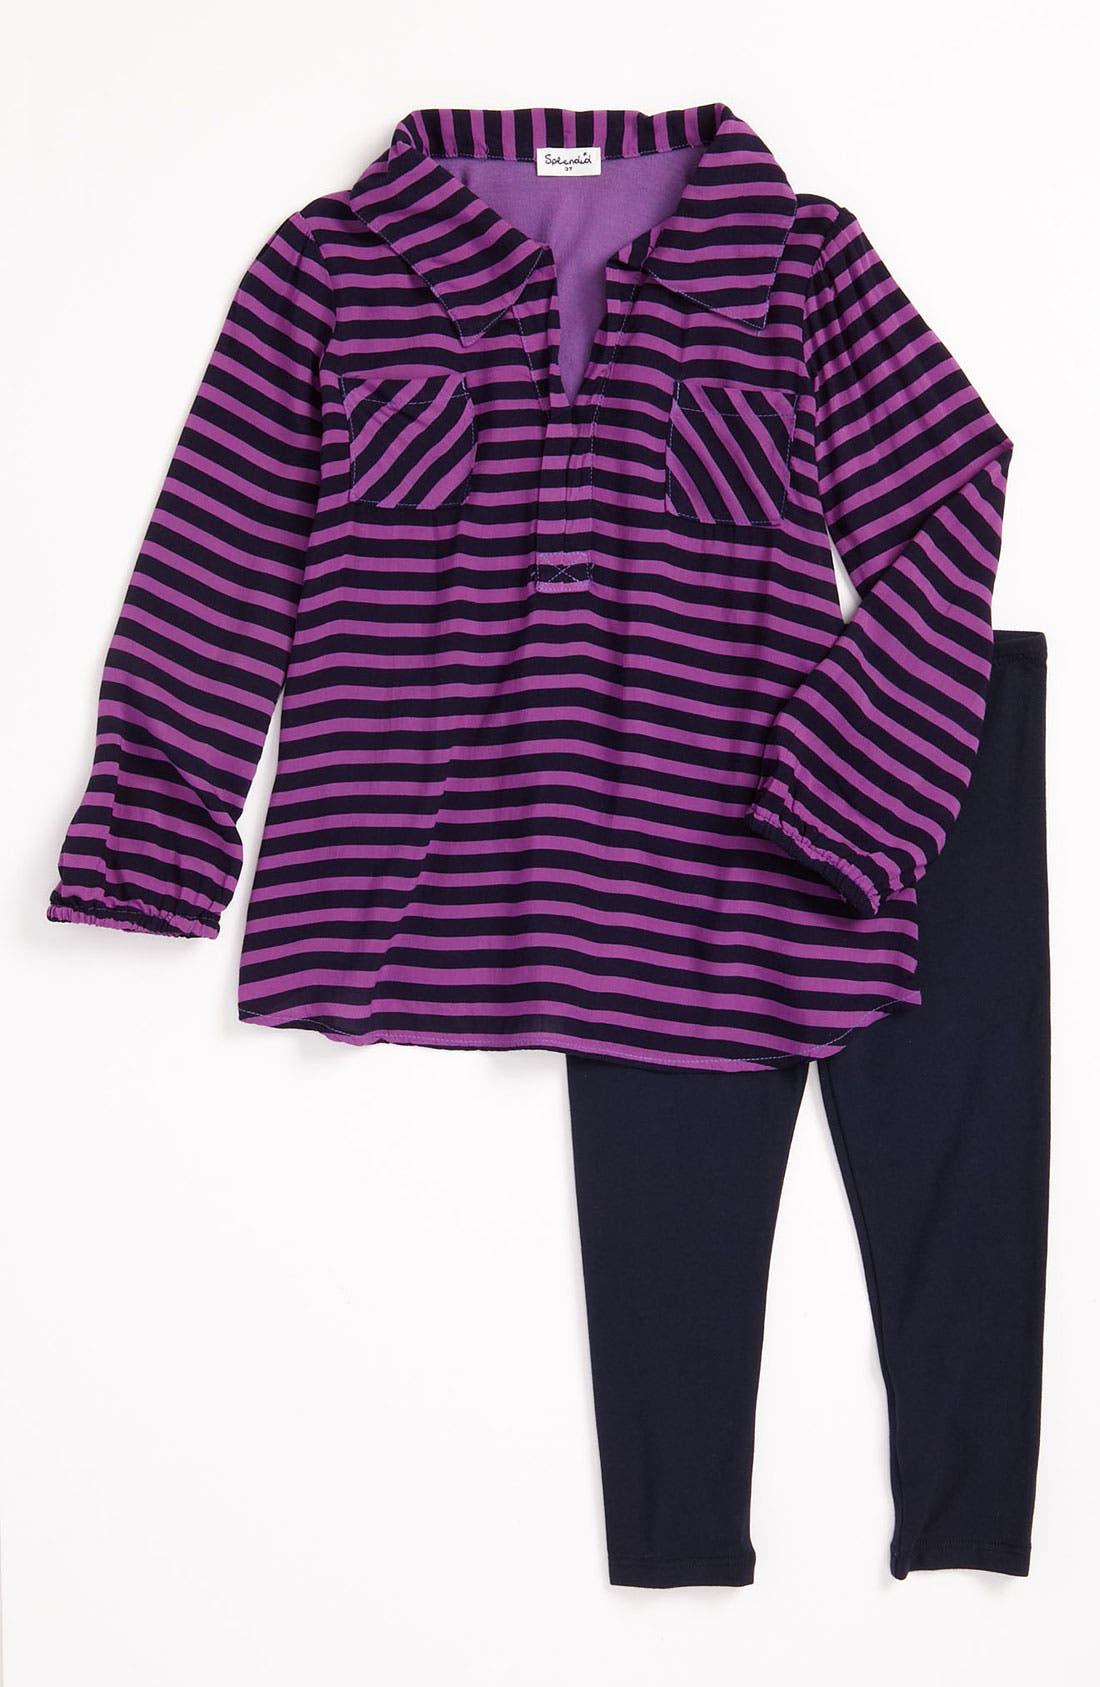 Alternate Image 1 Selected - Splendid 'Famous' Stripe Tunic & Leggings (Little Girls)